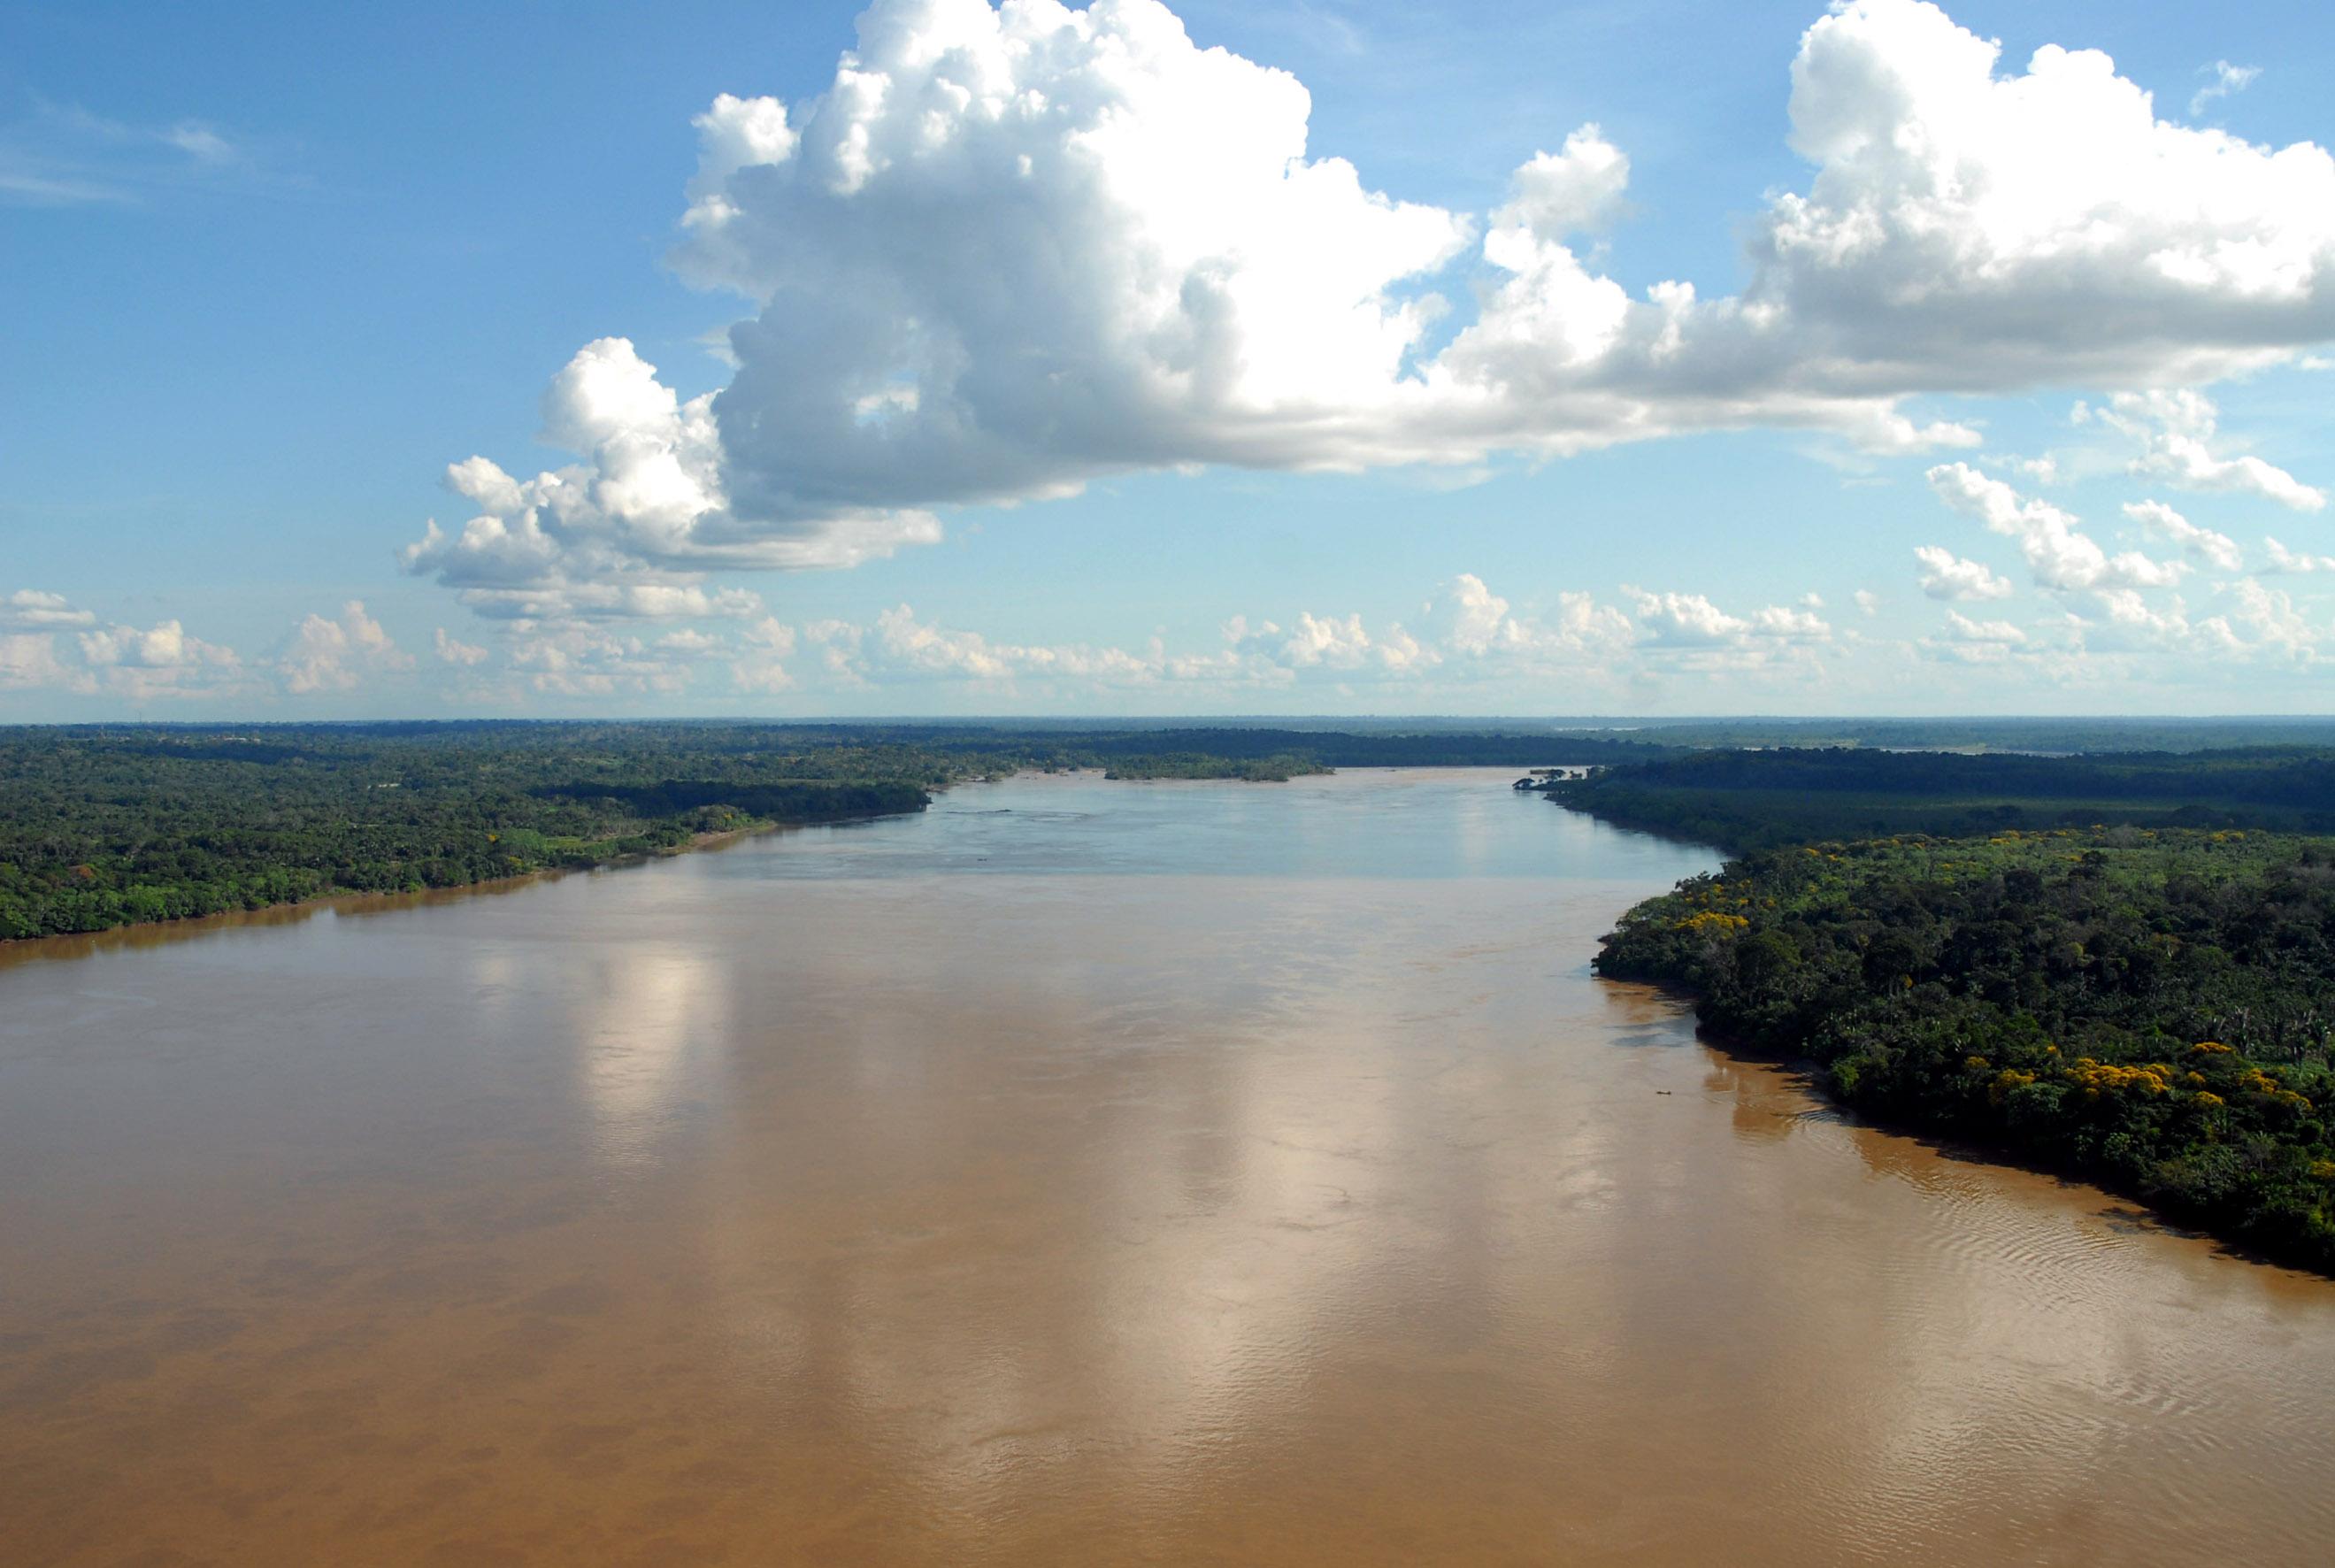 Rio madeira 09072007